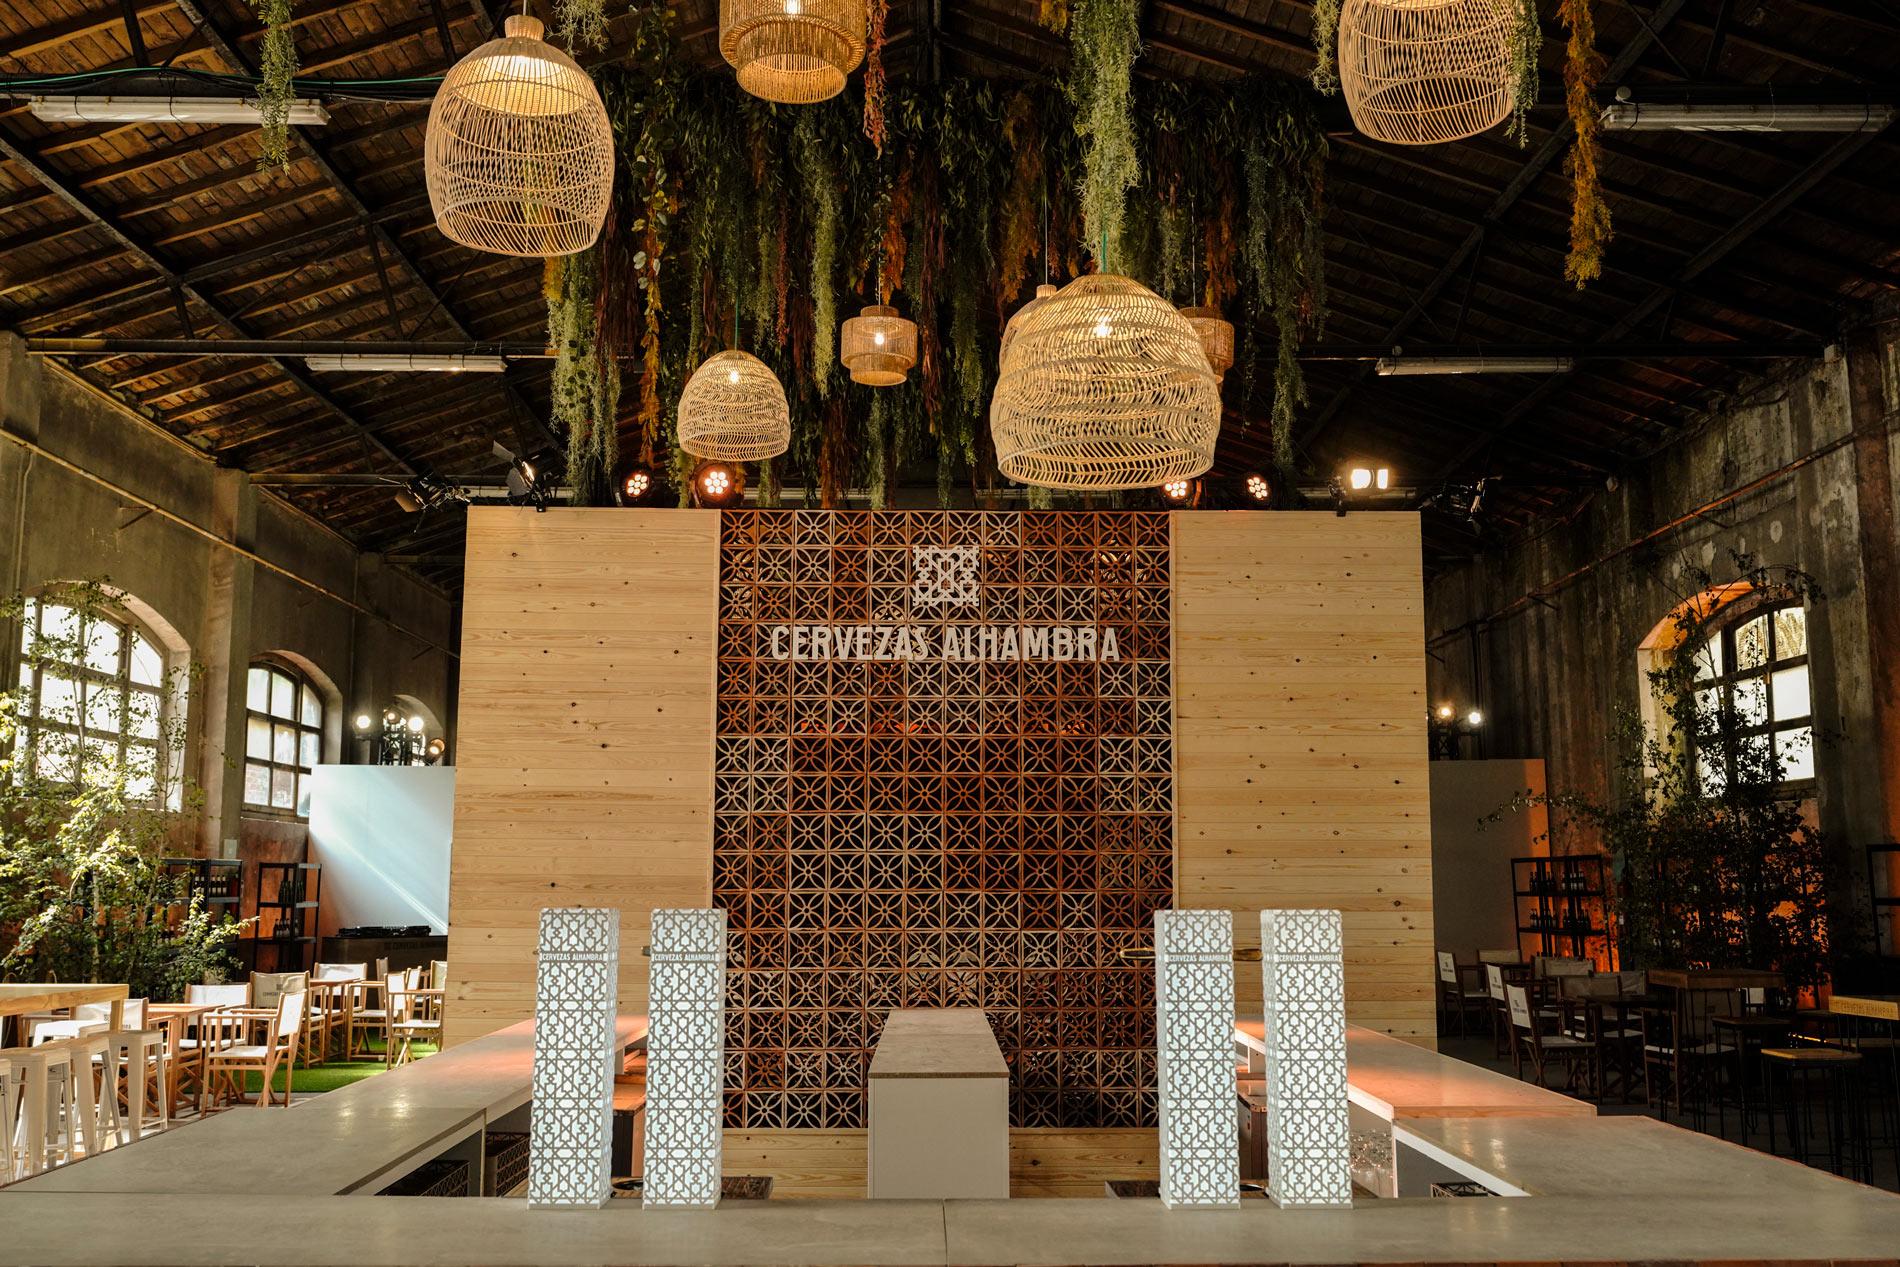 Jardín Cervezas Alhambra, el mejor plan de este otoño en Madrid